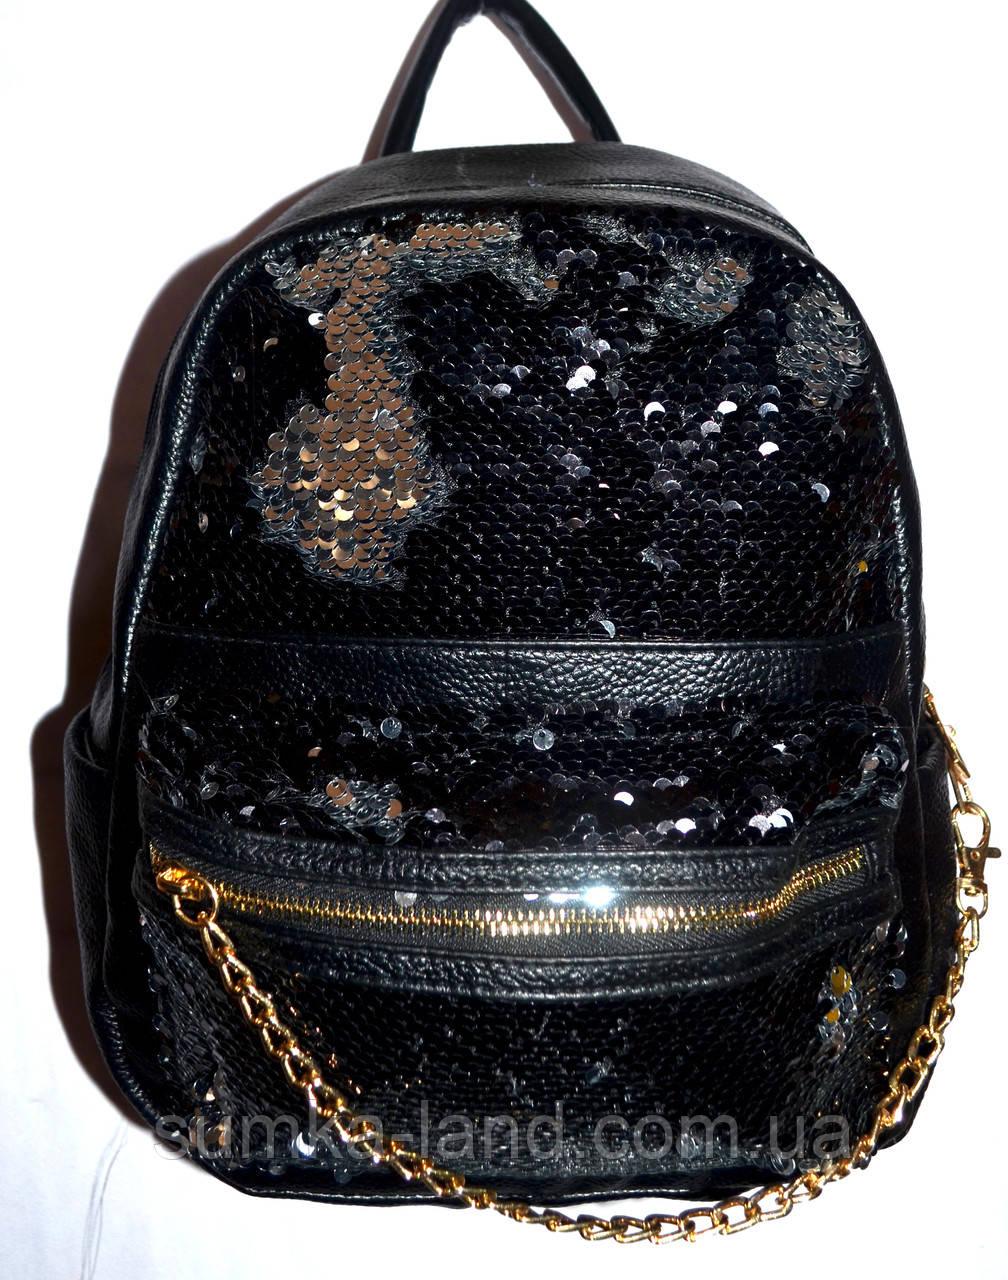 Женский рюкзак с пайетками черный 22*30 см